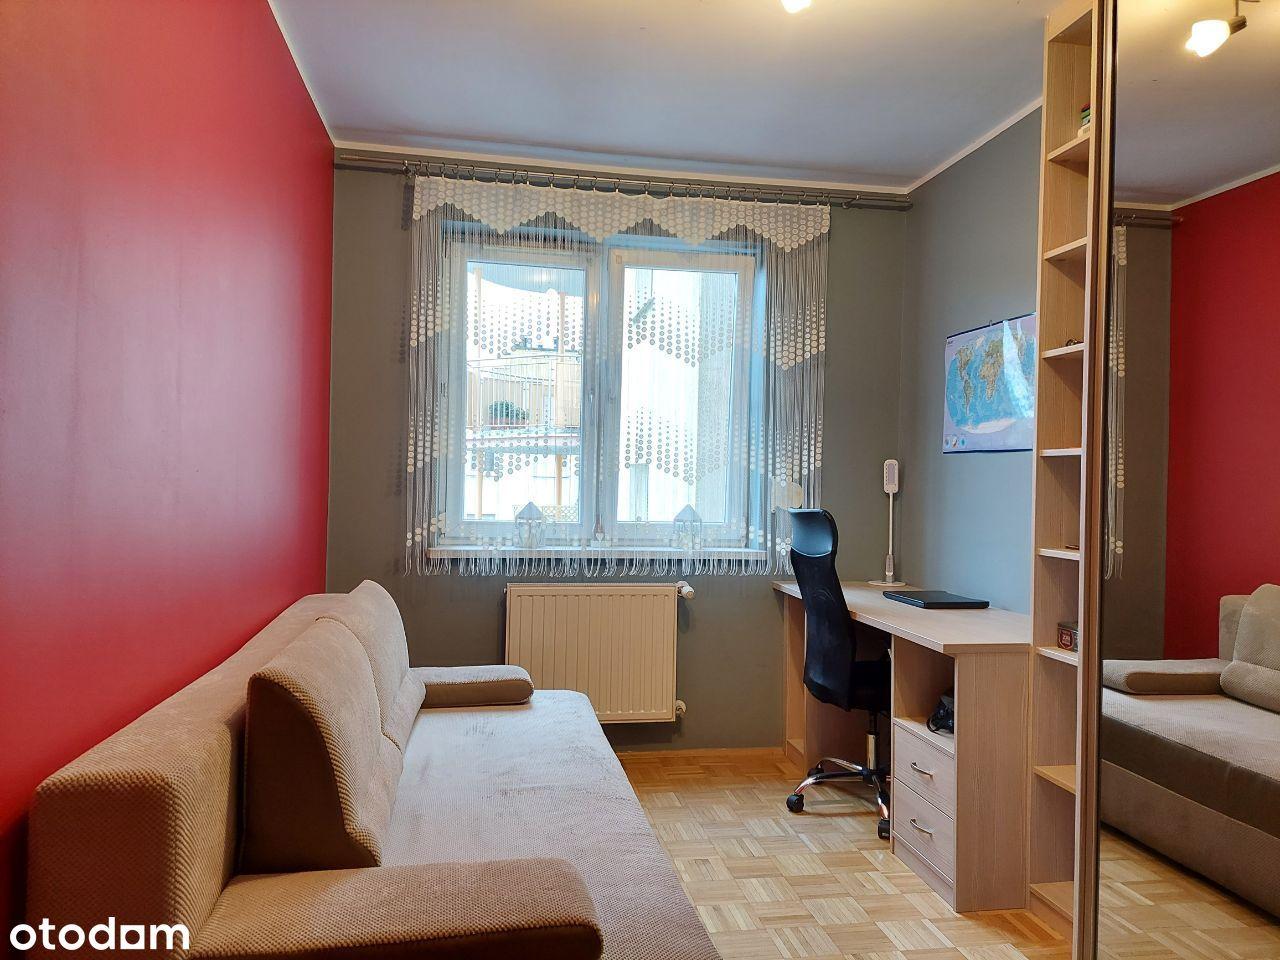 Mieszkanie 61.87 m2 z podziemnym m. garażowy